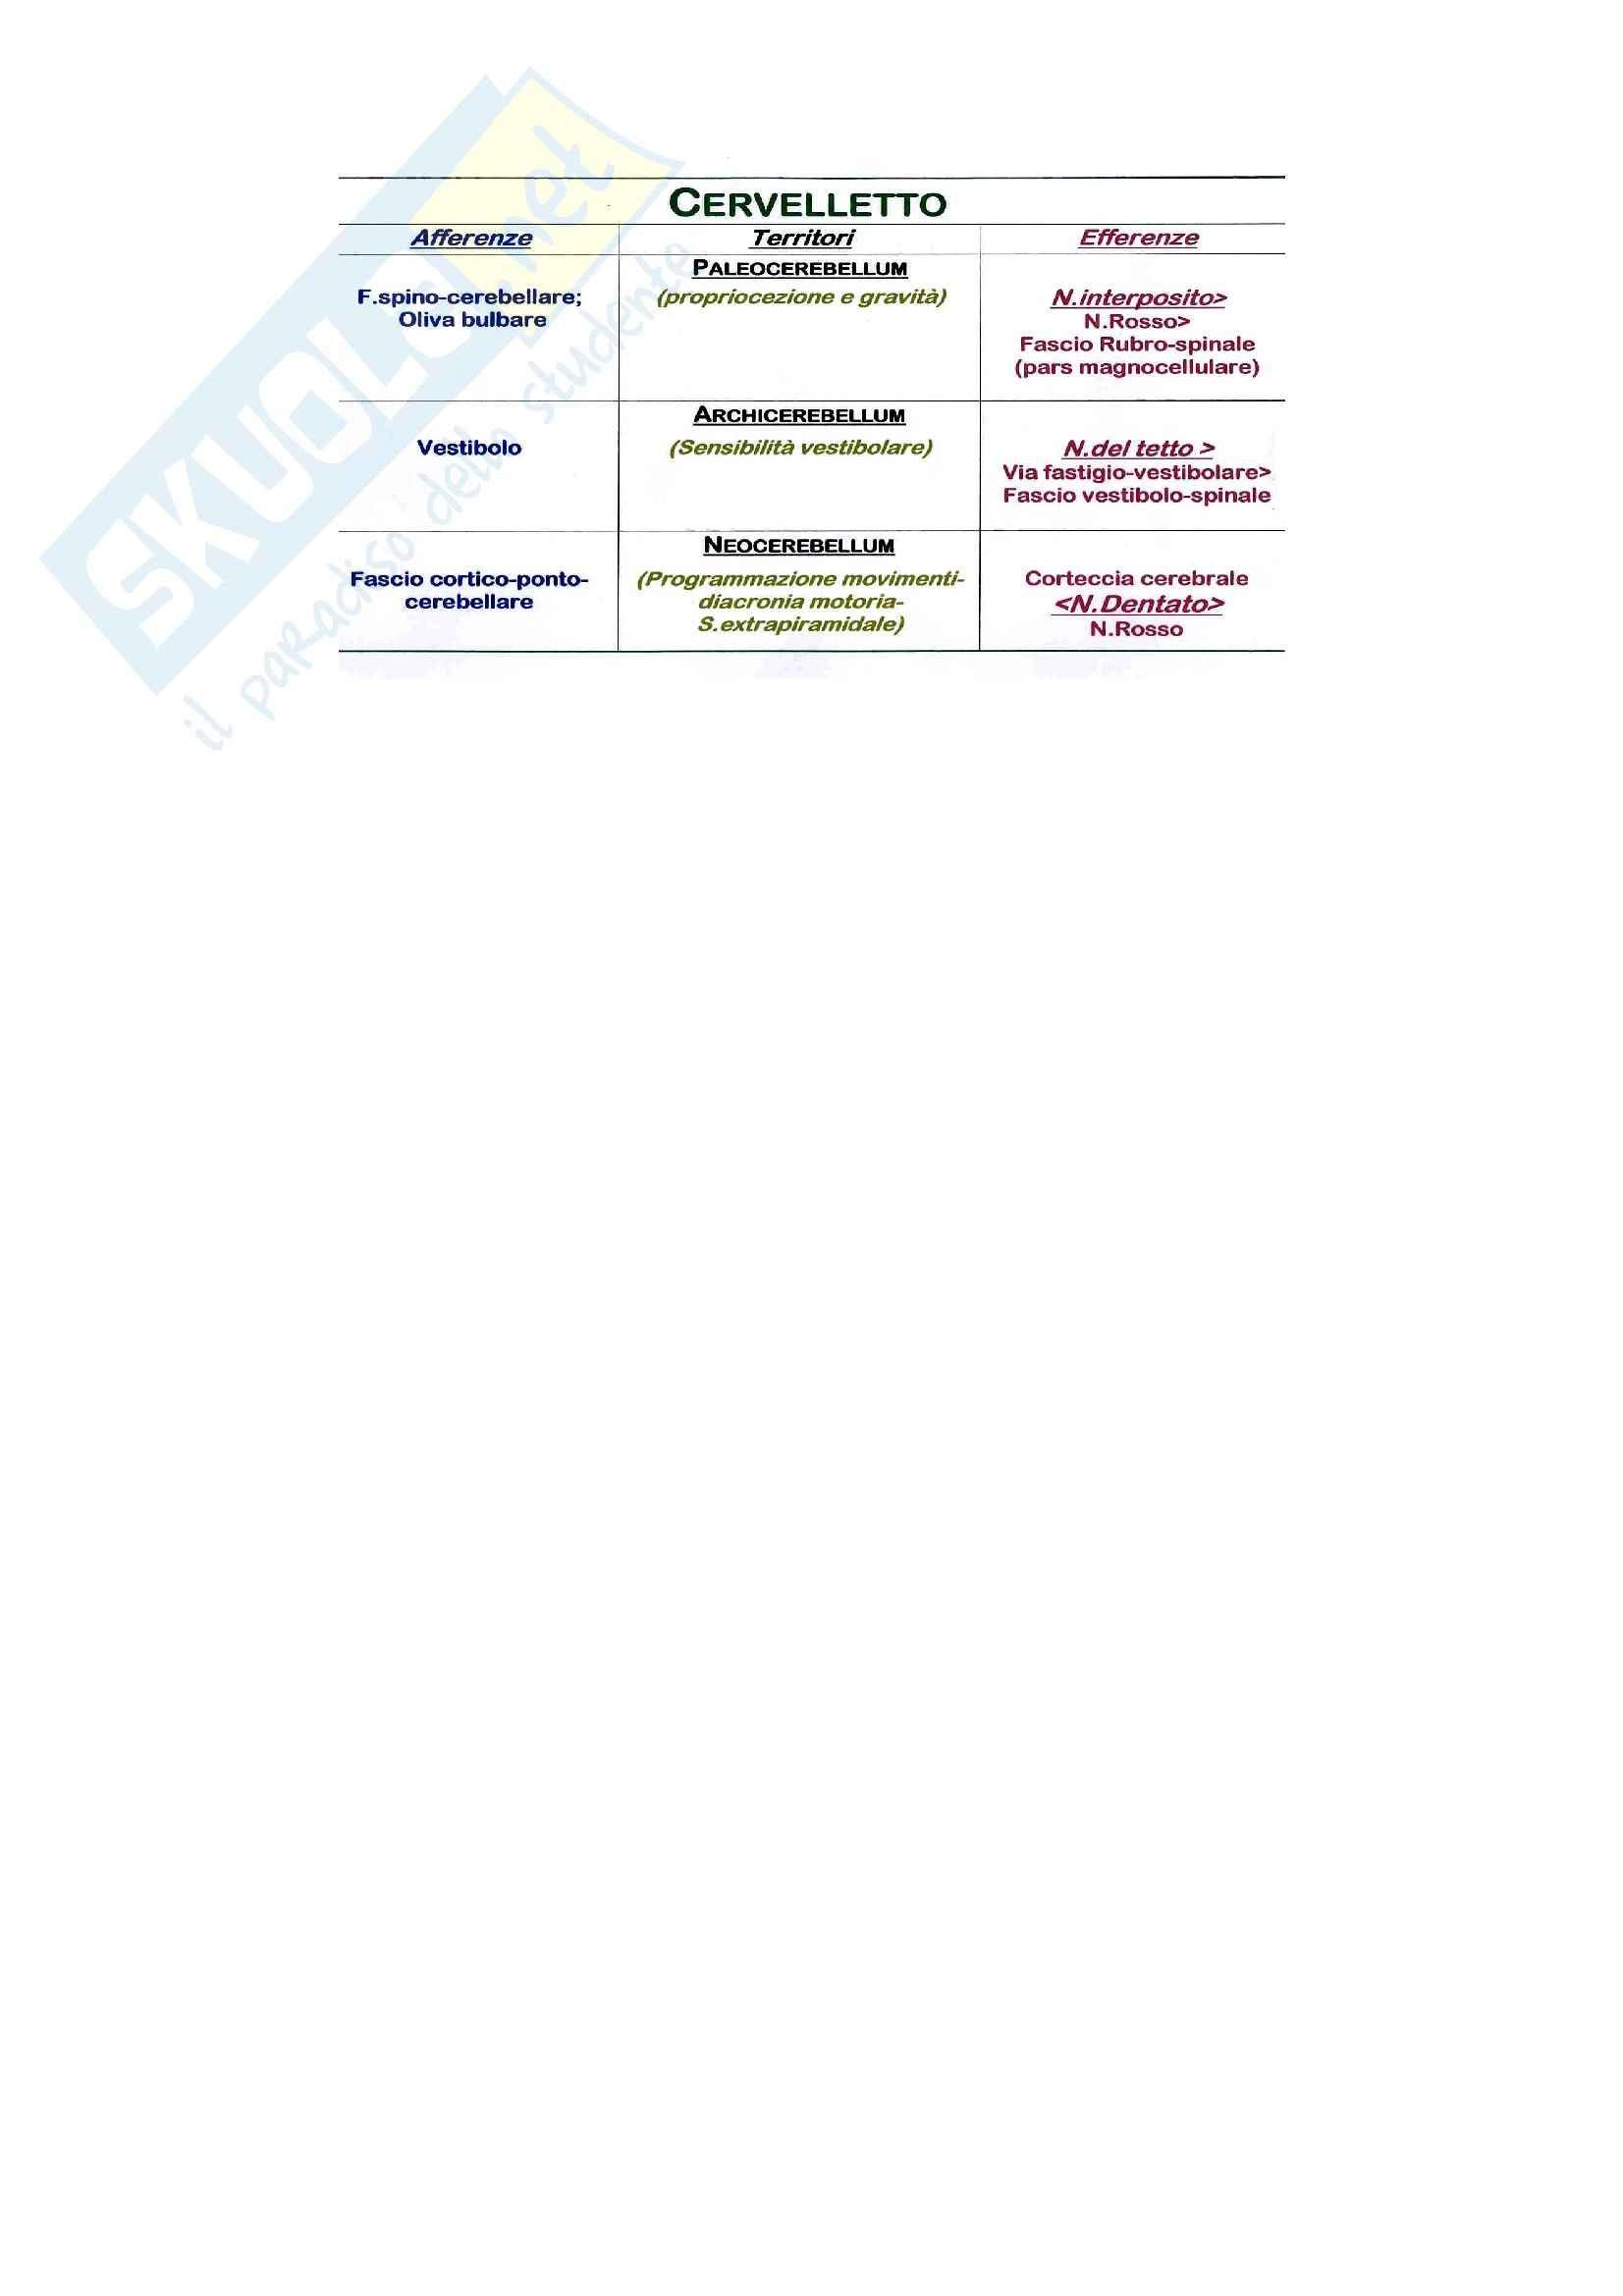 Cervelletto, Anatomia Pag. 6